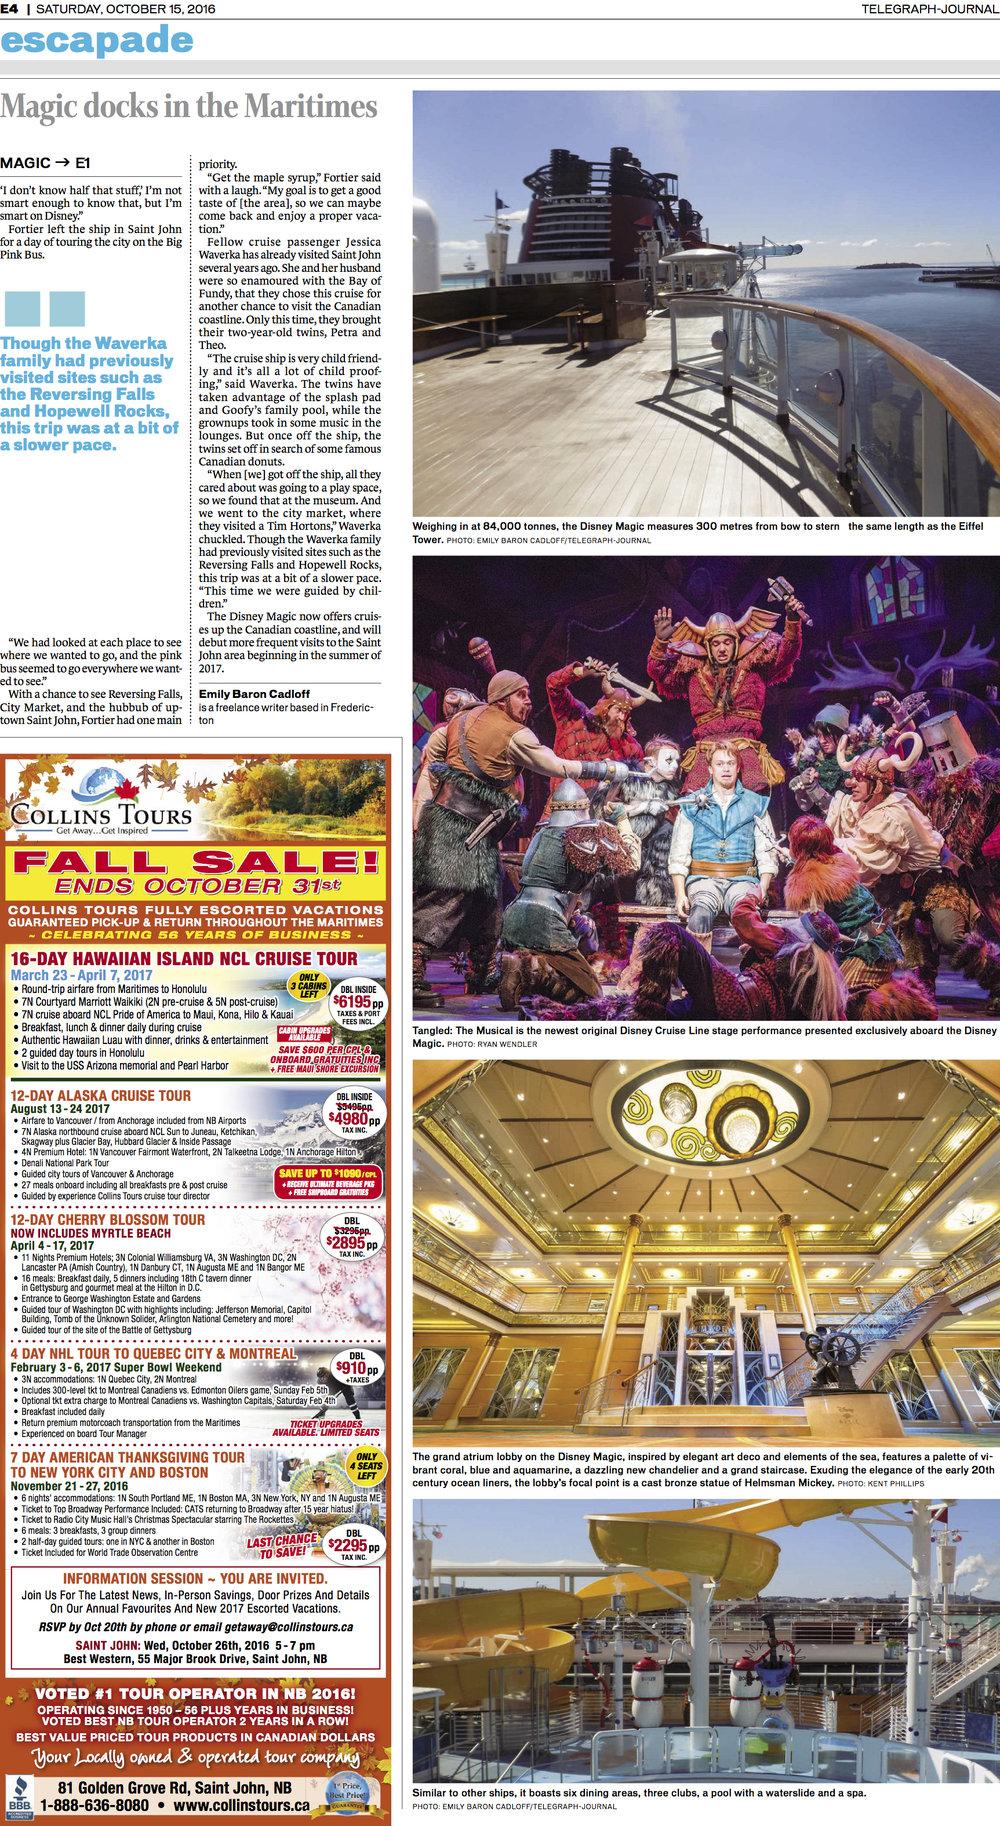 Inside feature, Escapade, Telegraph-Journal. Oct 15, 2016.